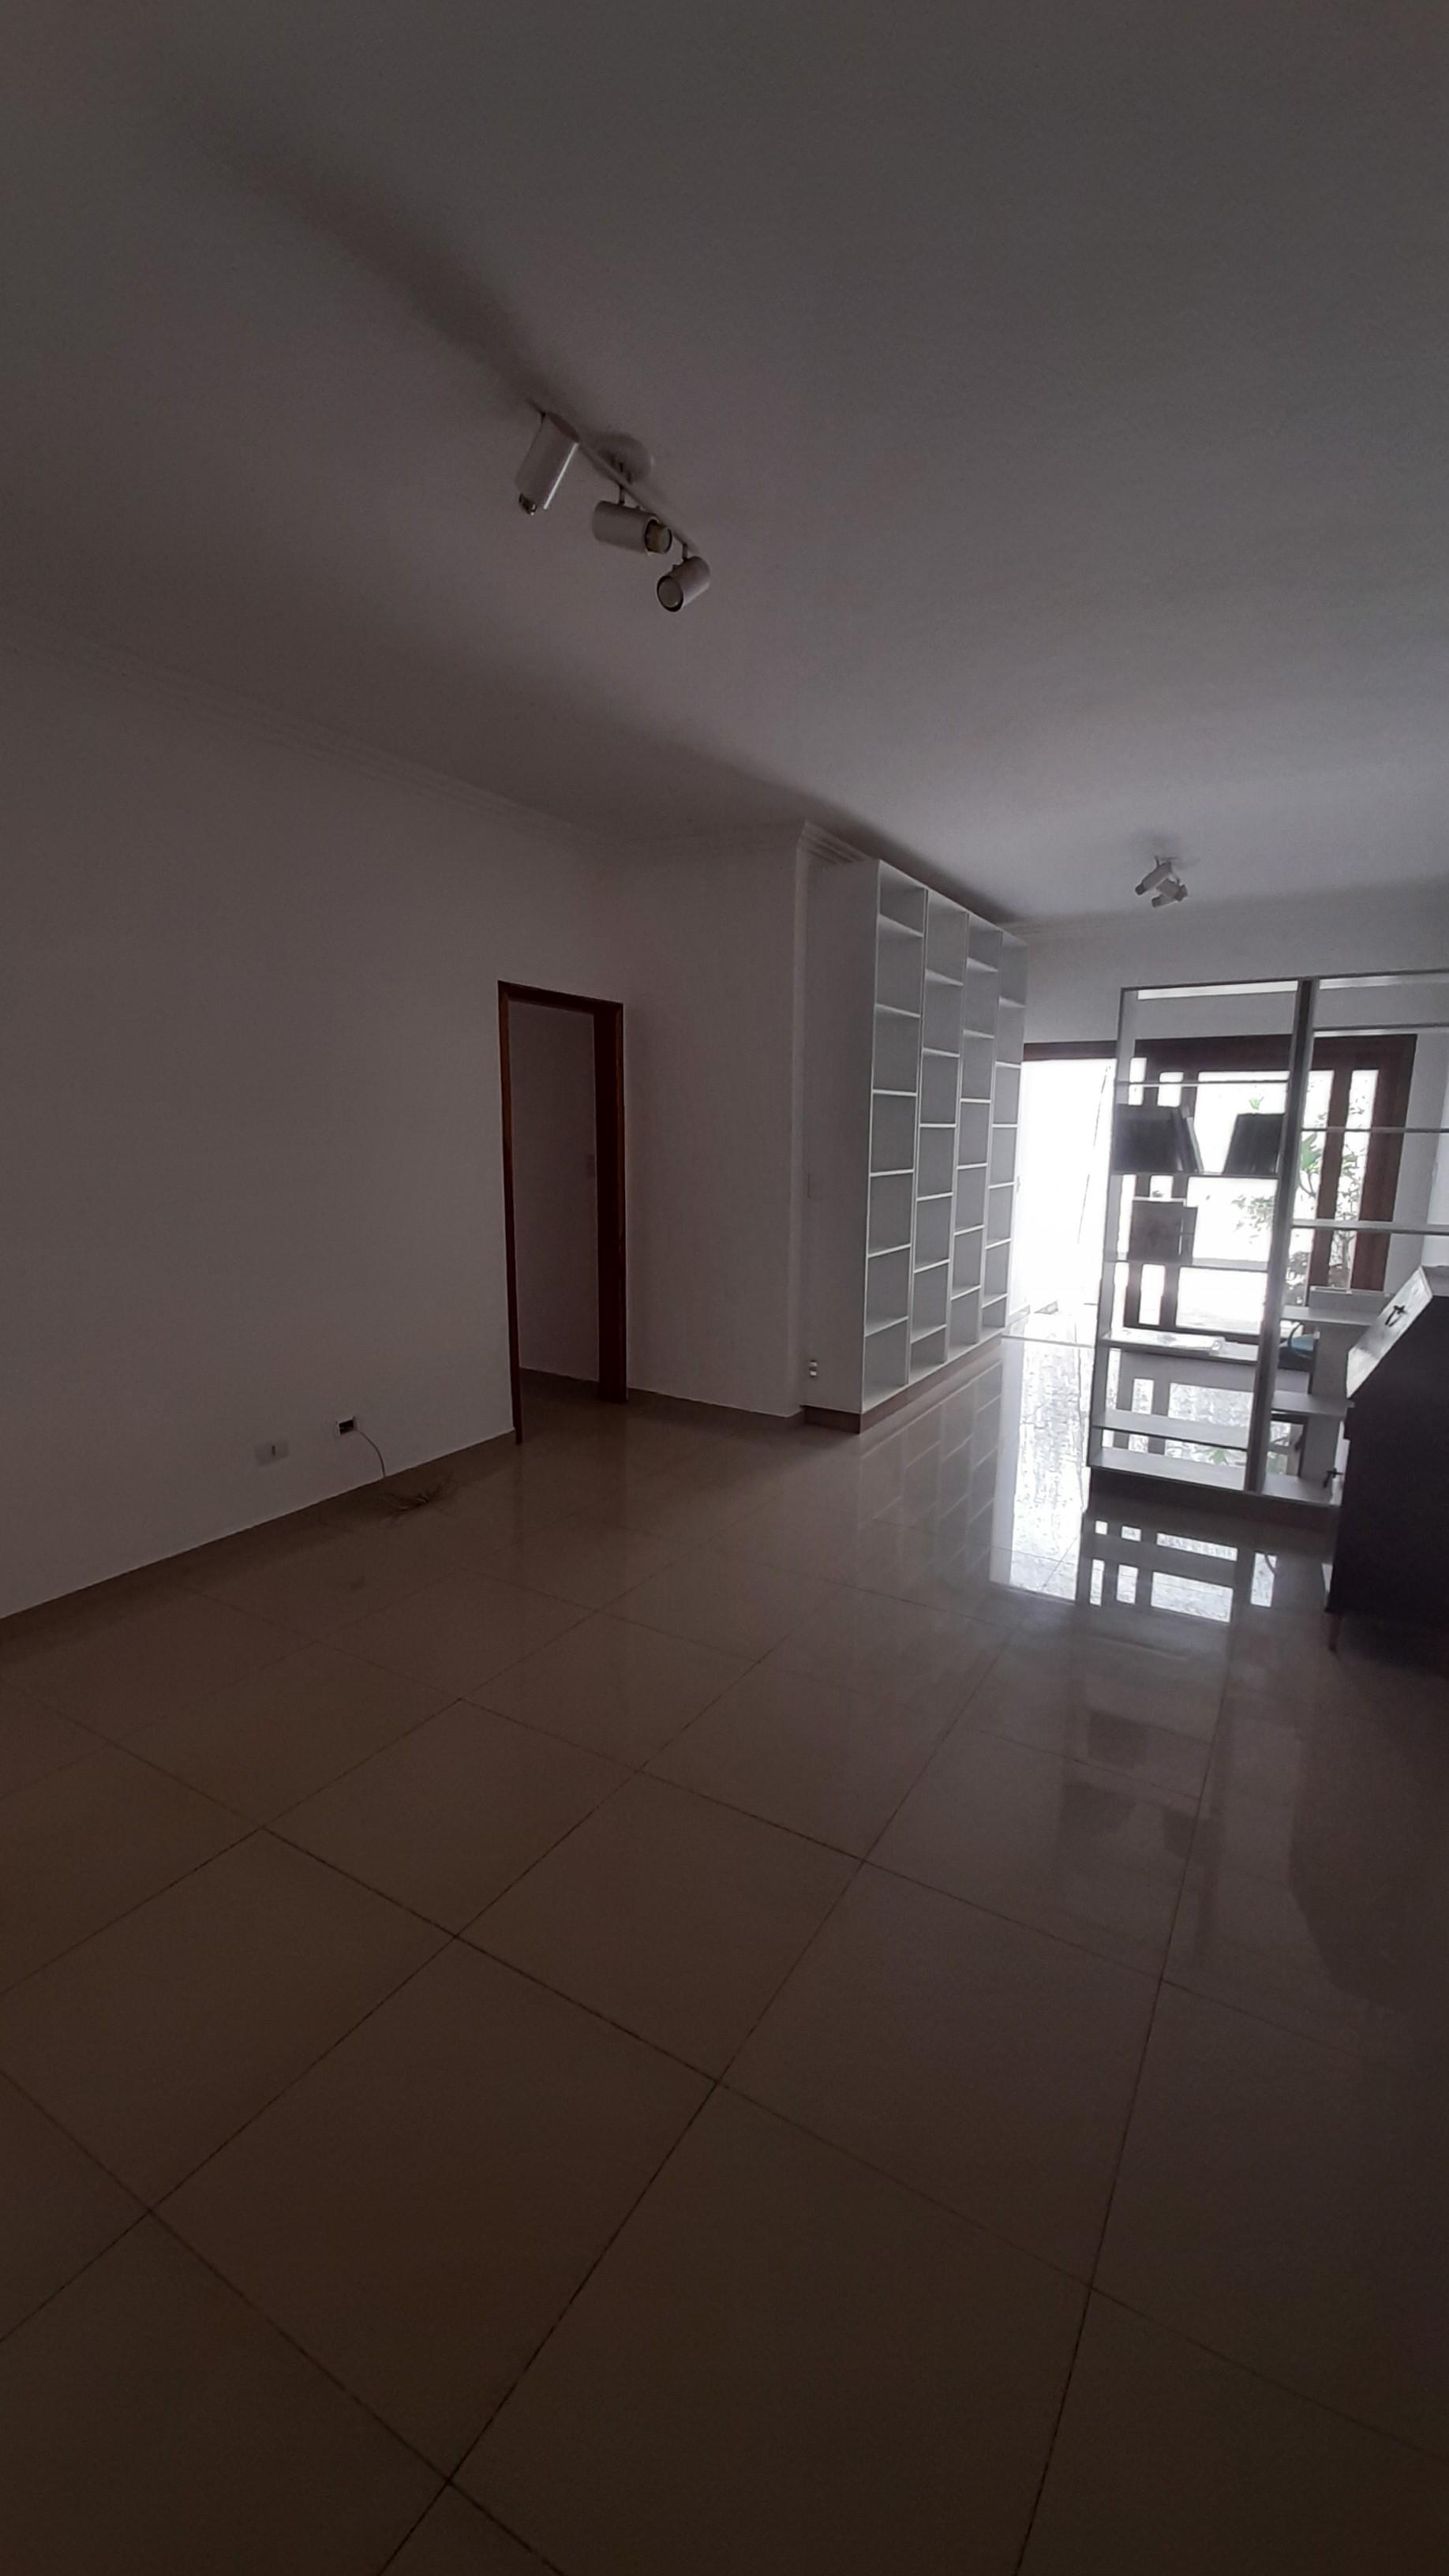 Venda – Bairro da Bela Vista – 190 m2 área útil – R$ 1.250.000,00